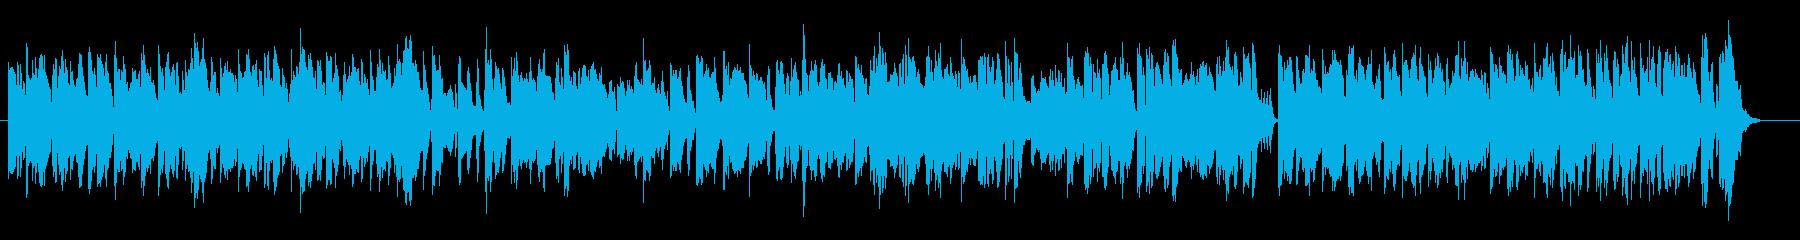 カエルを音楽で表現したユーモラスな曲の再生済みの波形